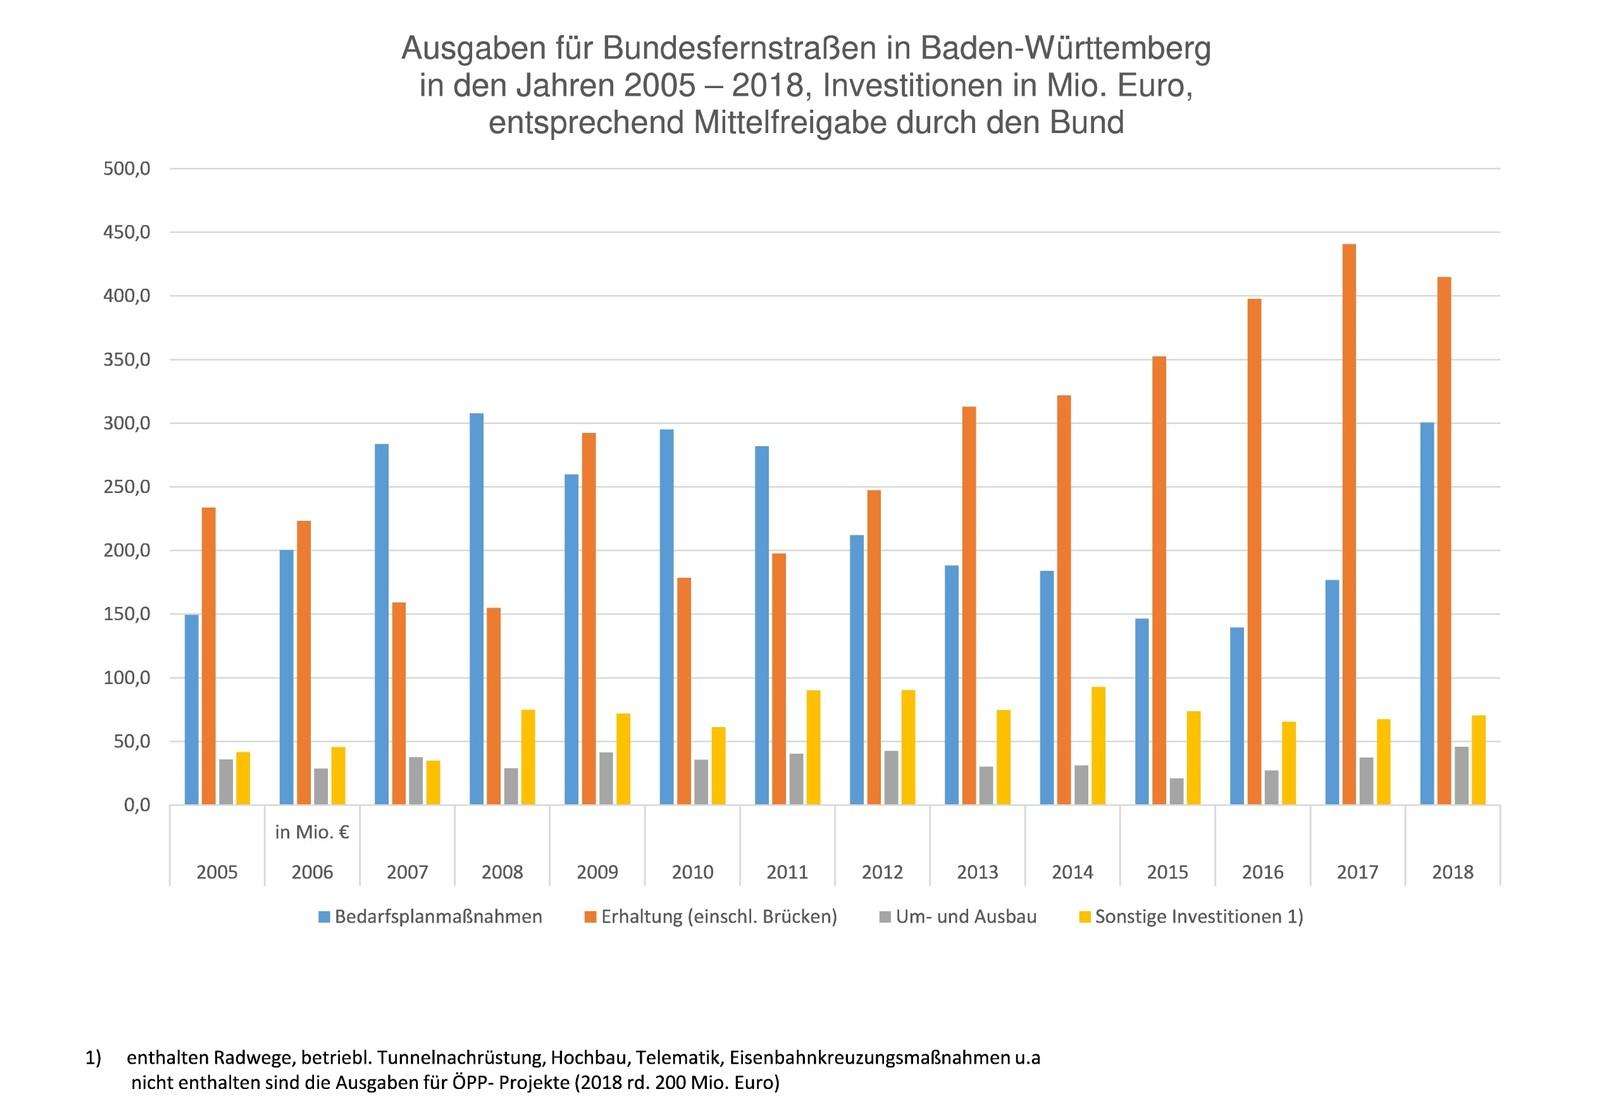 Bei Bundesfernstraßen wurde in Baden-Württemberg im vergangenen Jahr so viel Geld umgesetzt wie noch nie